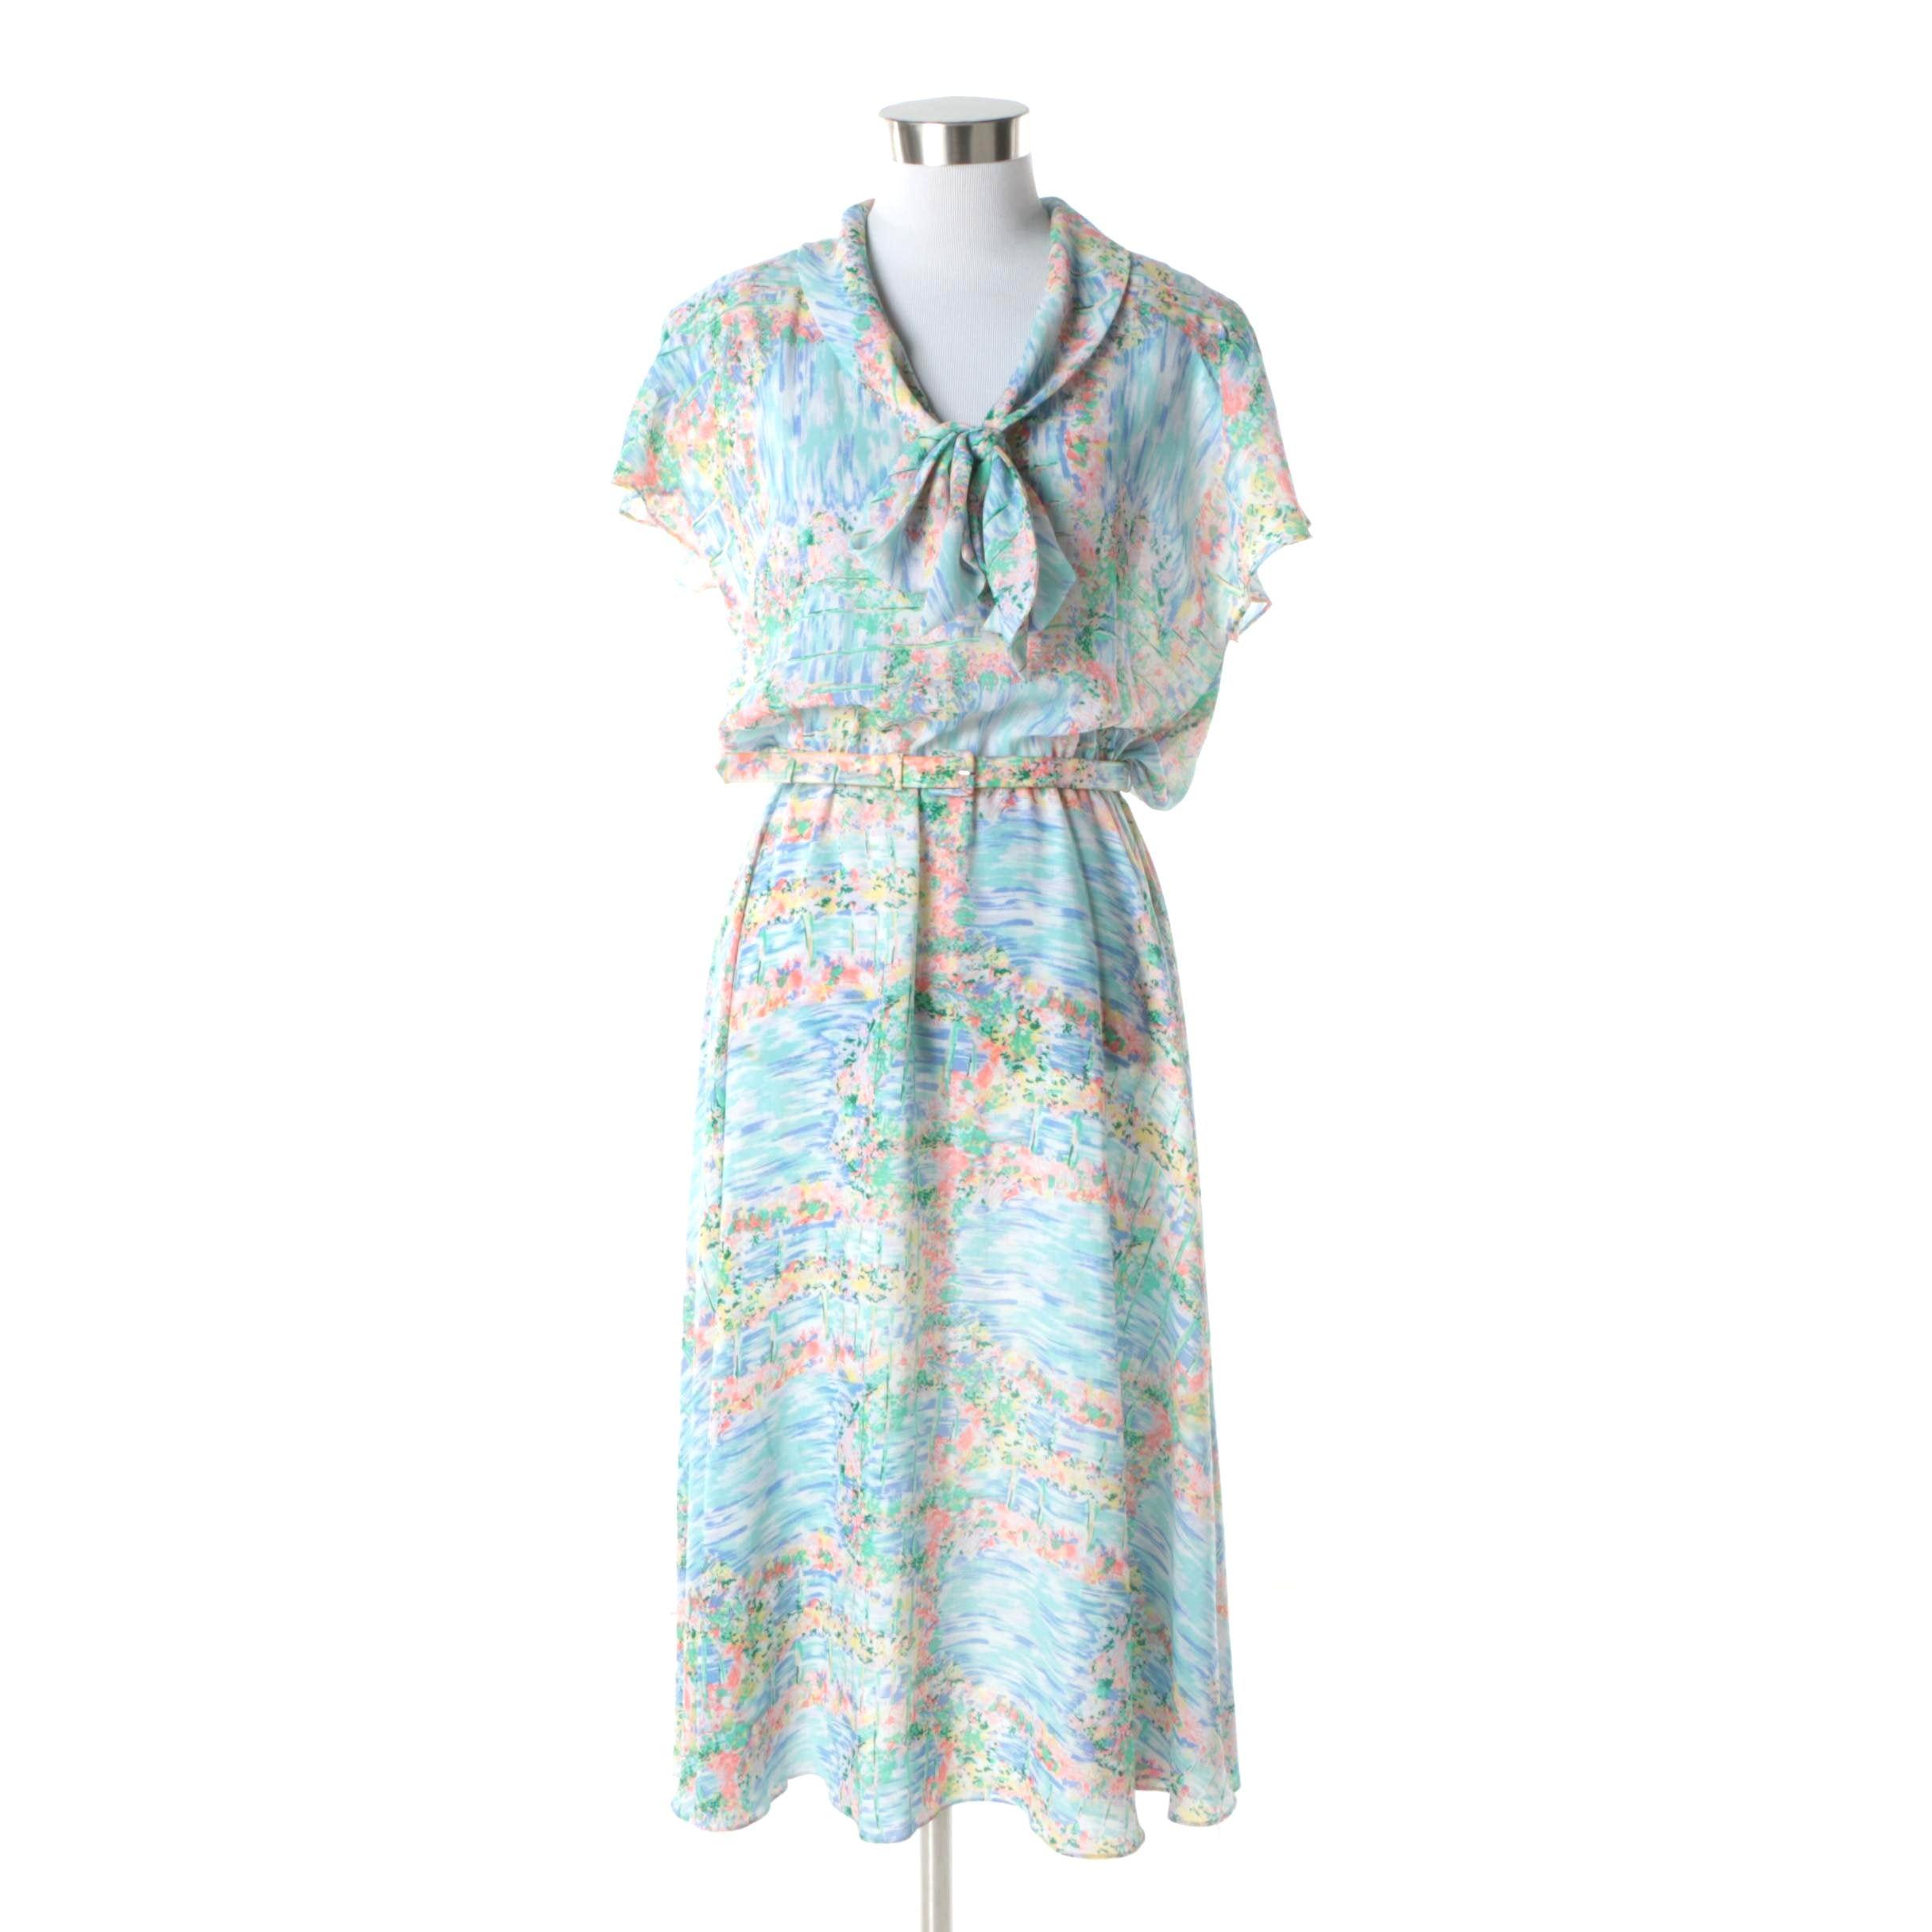 1980s Vintage Diane von Furstenberg Floral Print Dress with Matching Belt